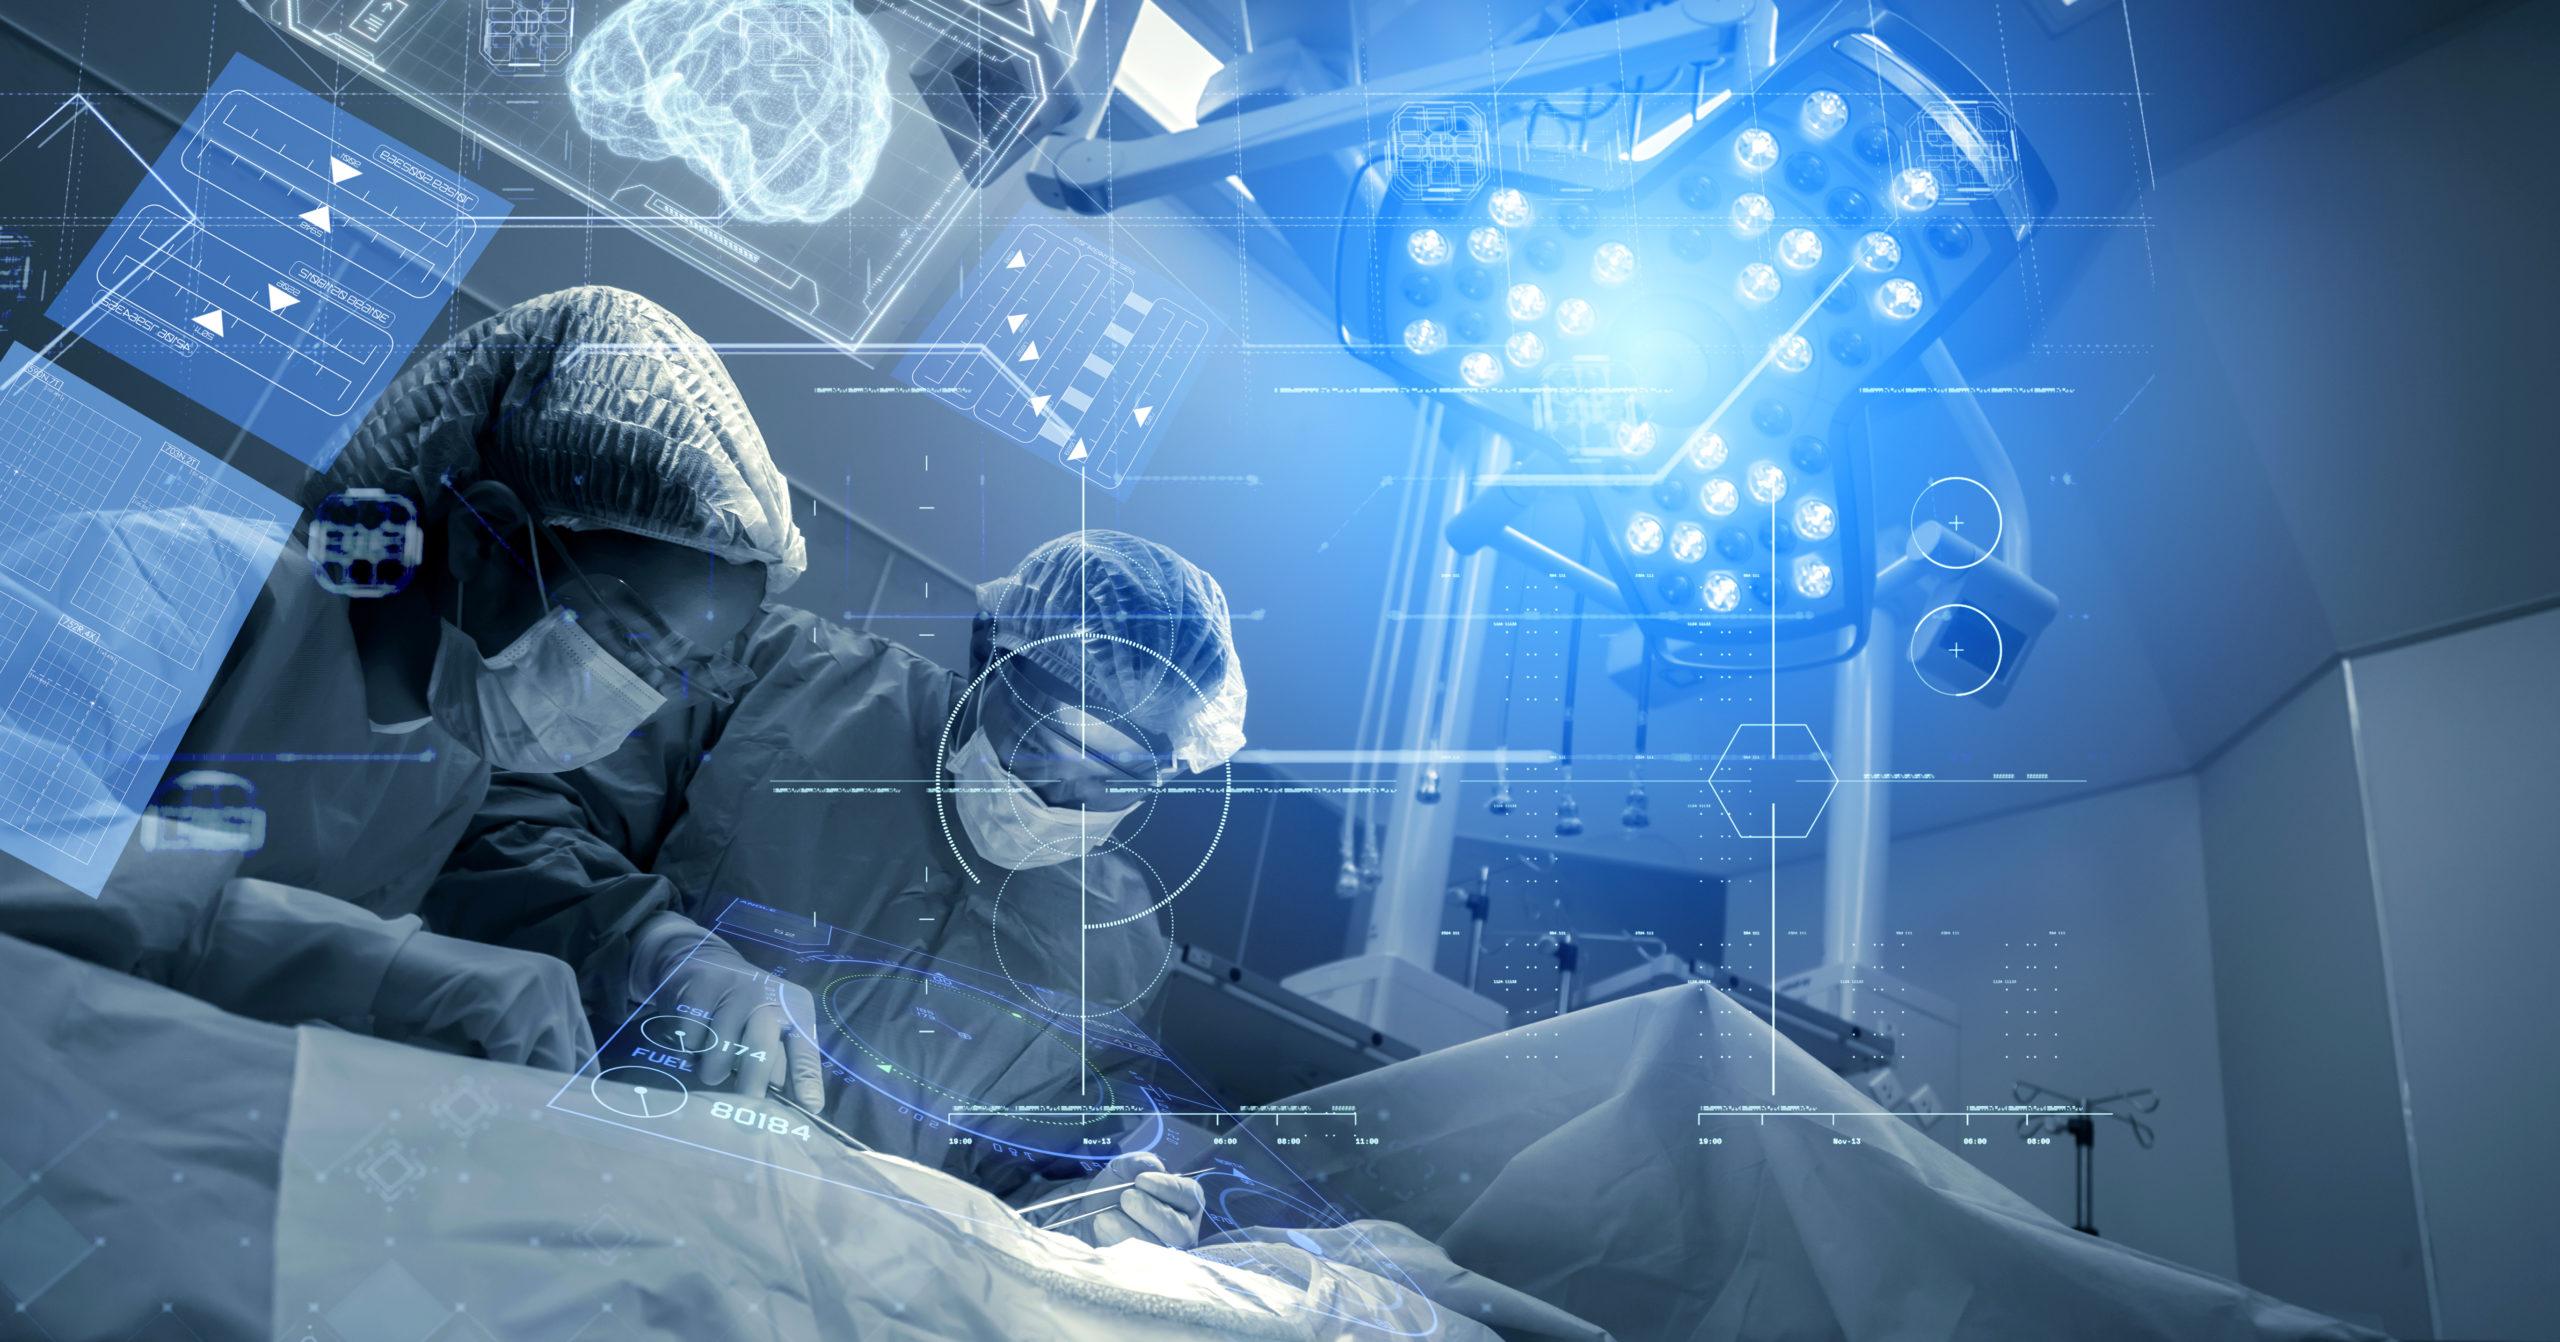 salud digital: la oportunidad de transformar la sanidad